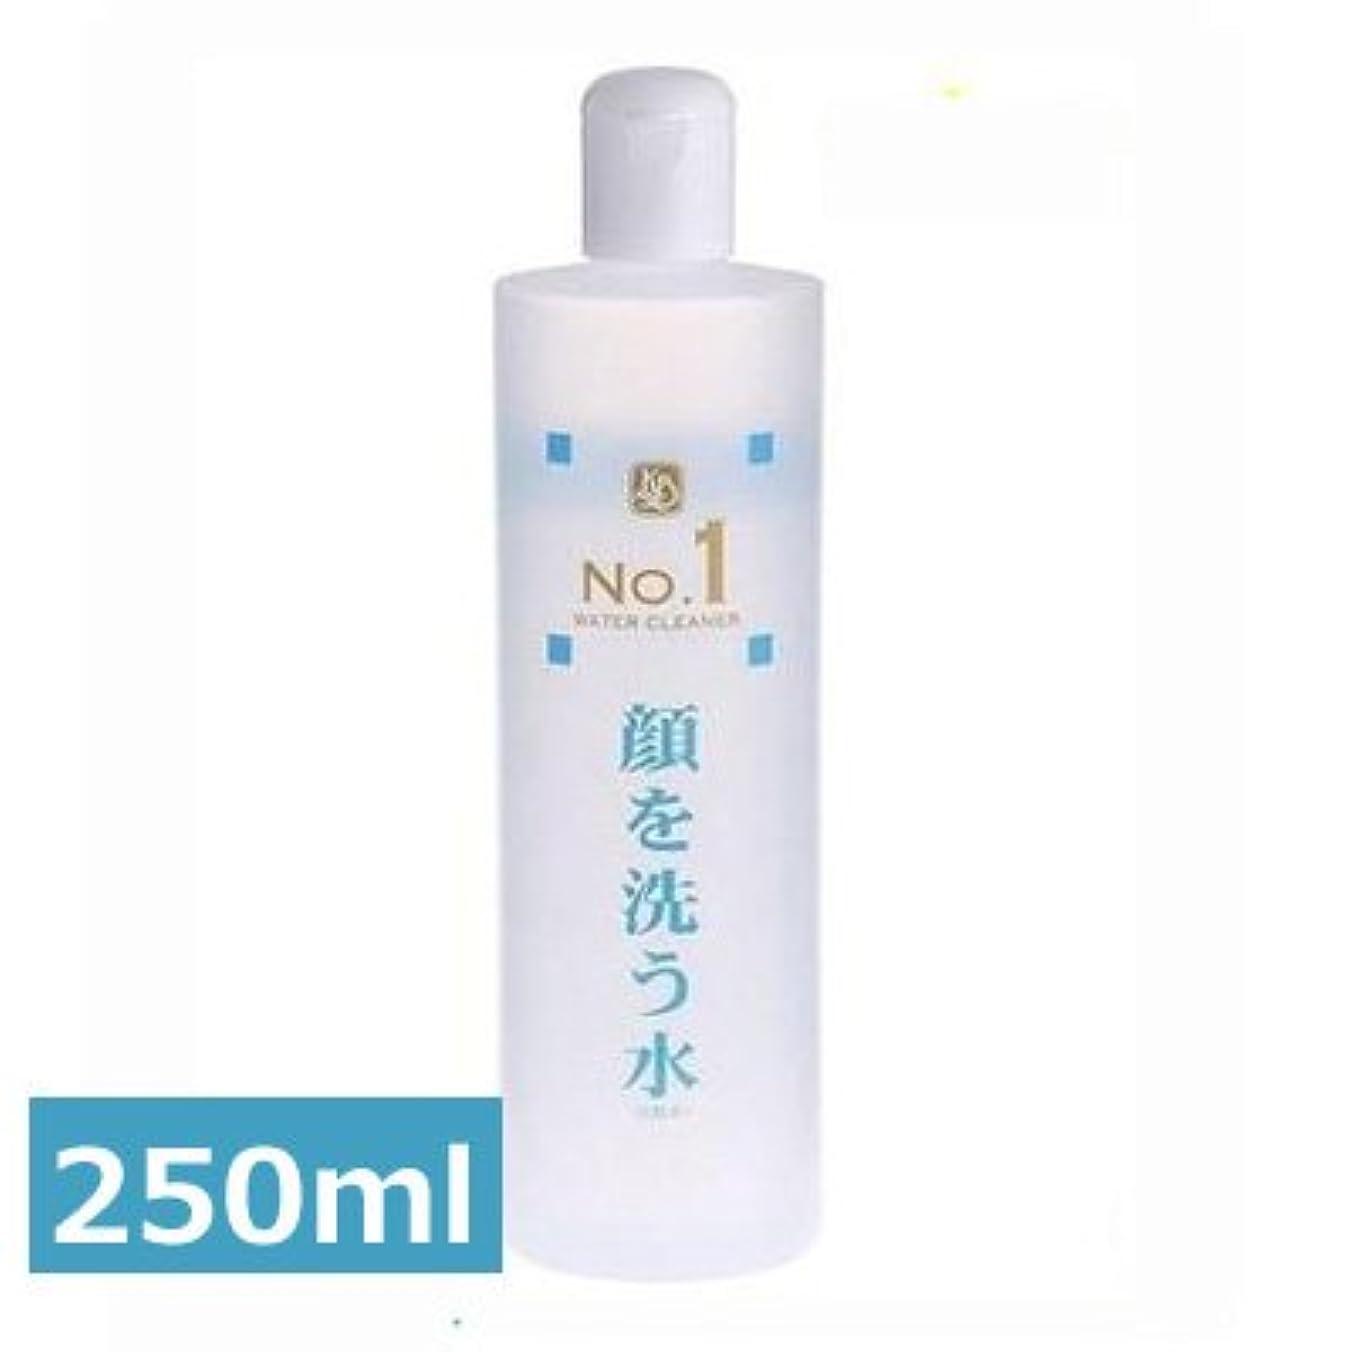 なので事件、出来事クリーナーウォータークリーナー カミヤマ美研 顔を洗う水 No.1 250ml 2本セット